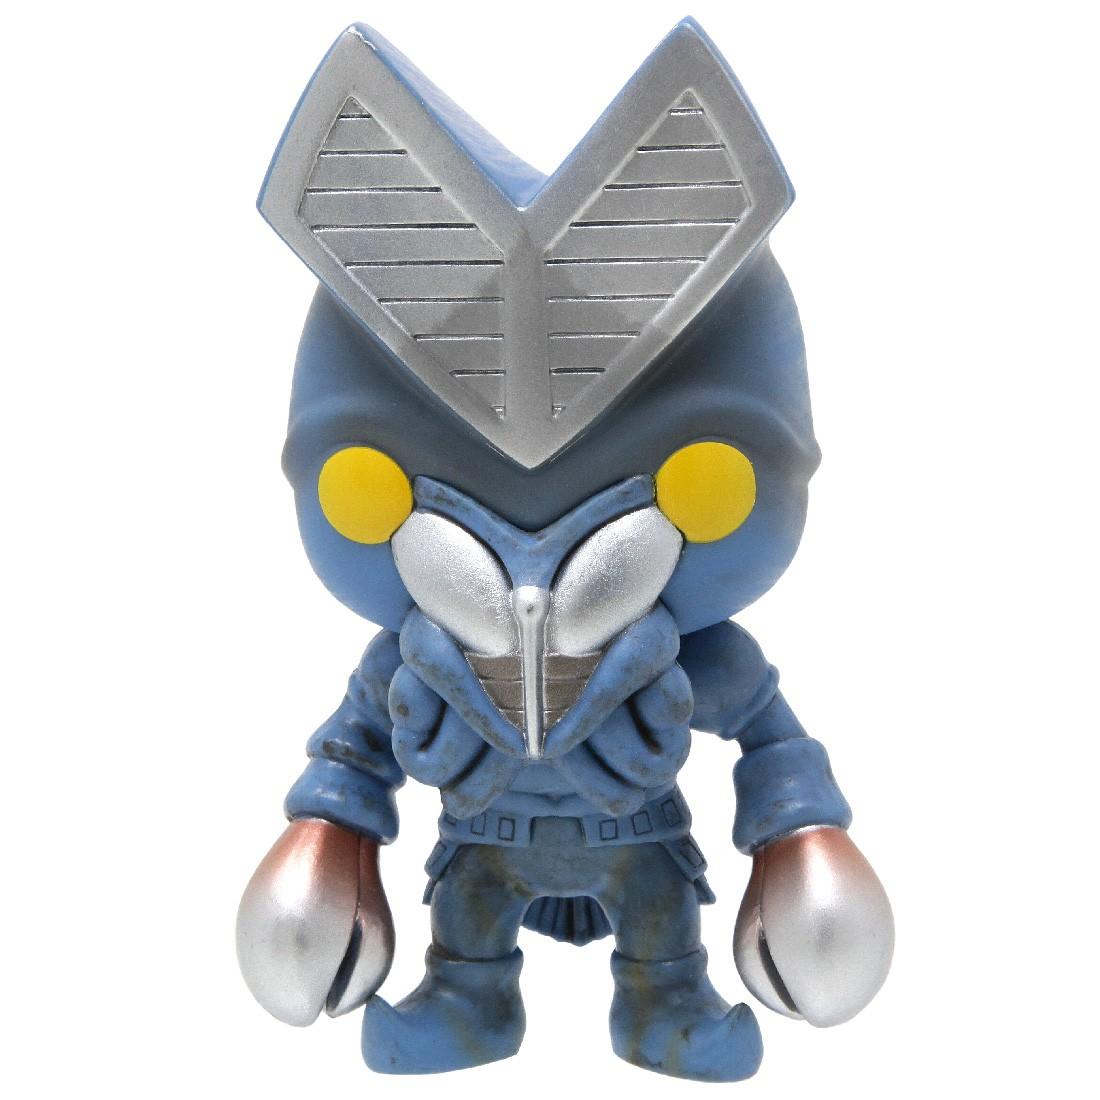 Funko Pop TV Ultraman - Alien Baltan (blue)